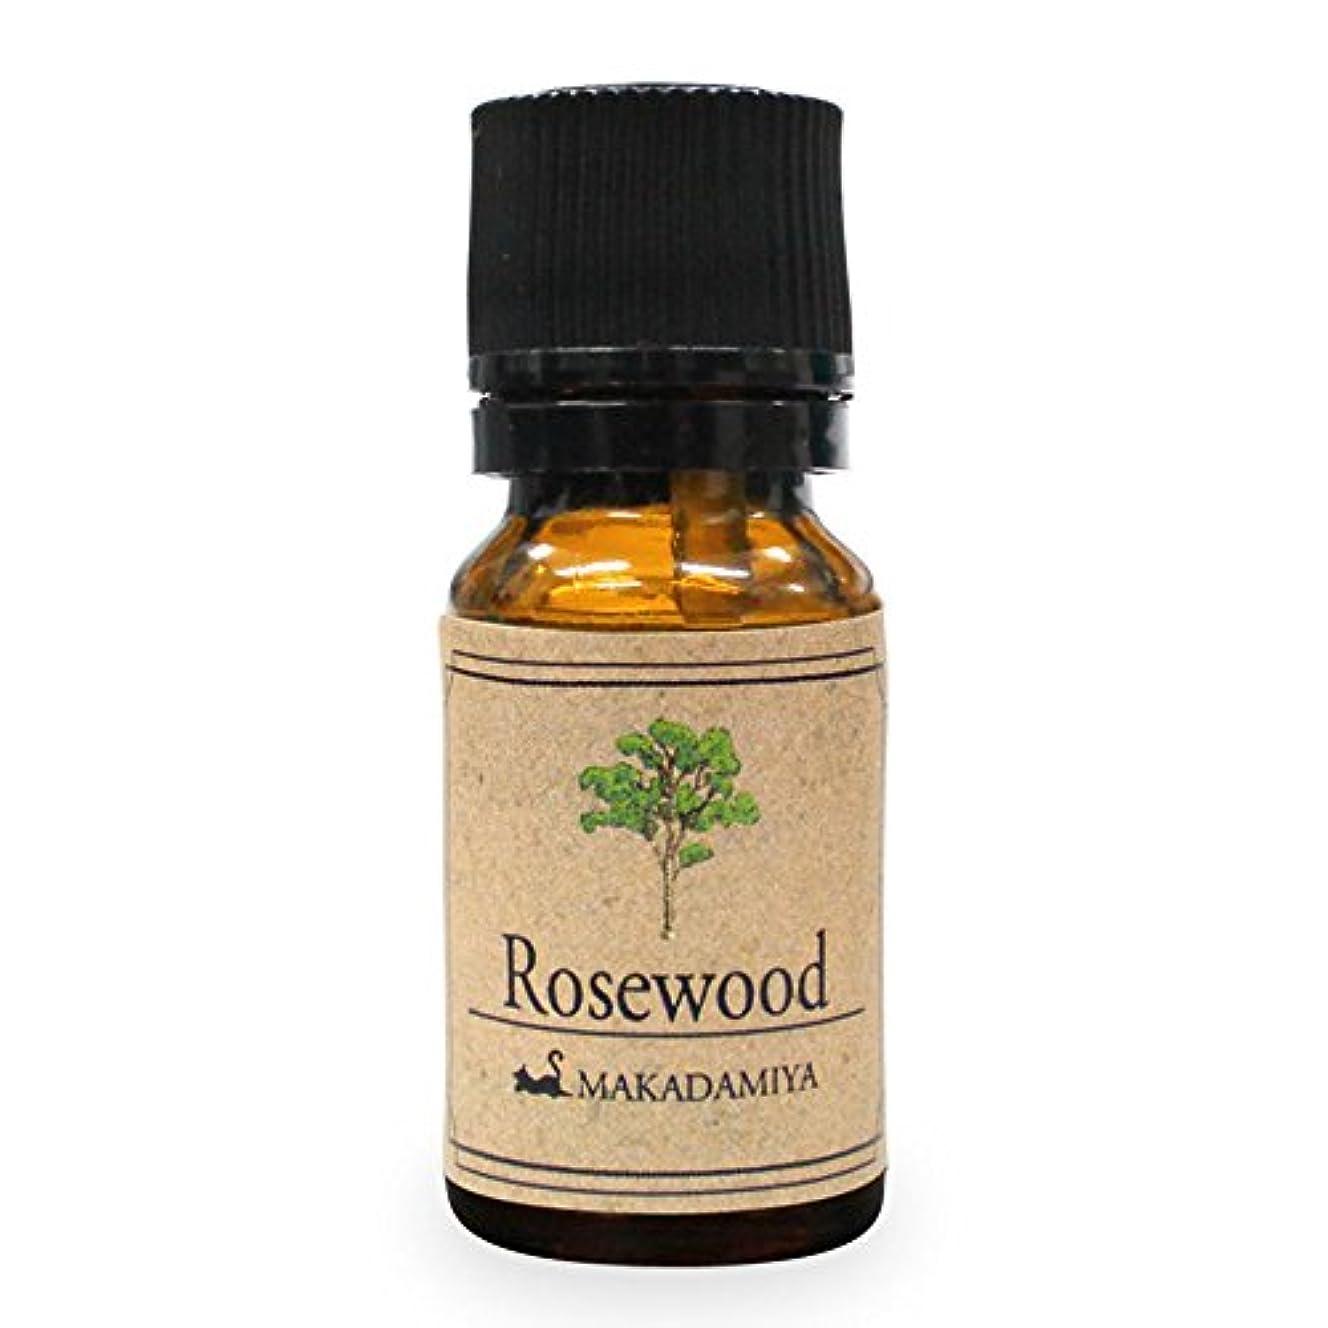 ローズウッド10ml 天然100%植物性 エッセンシャルオイル(精油) アロマオイル アロママッサージ aroma Rosewood